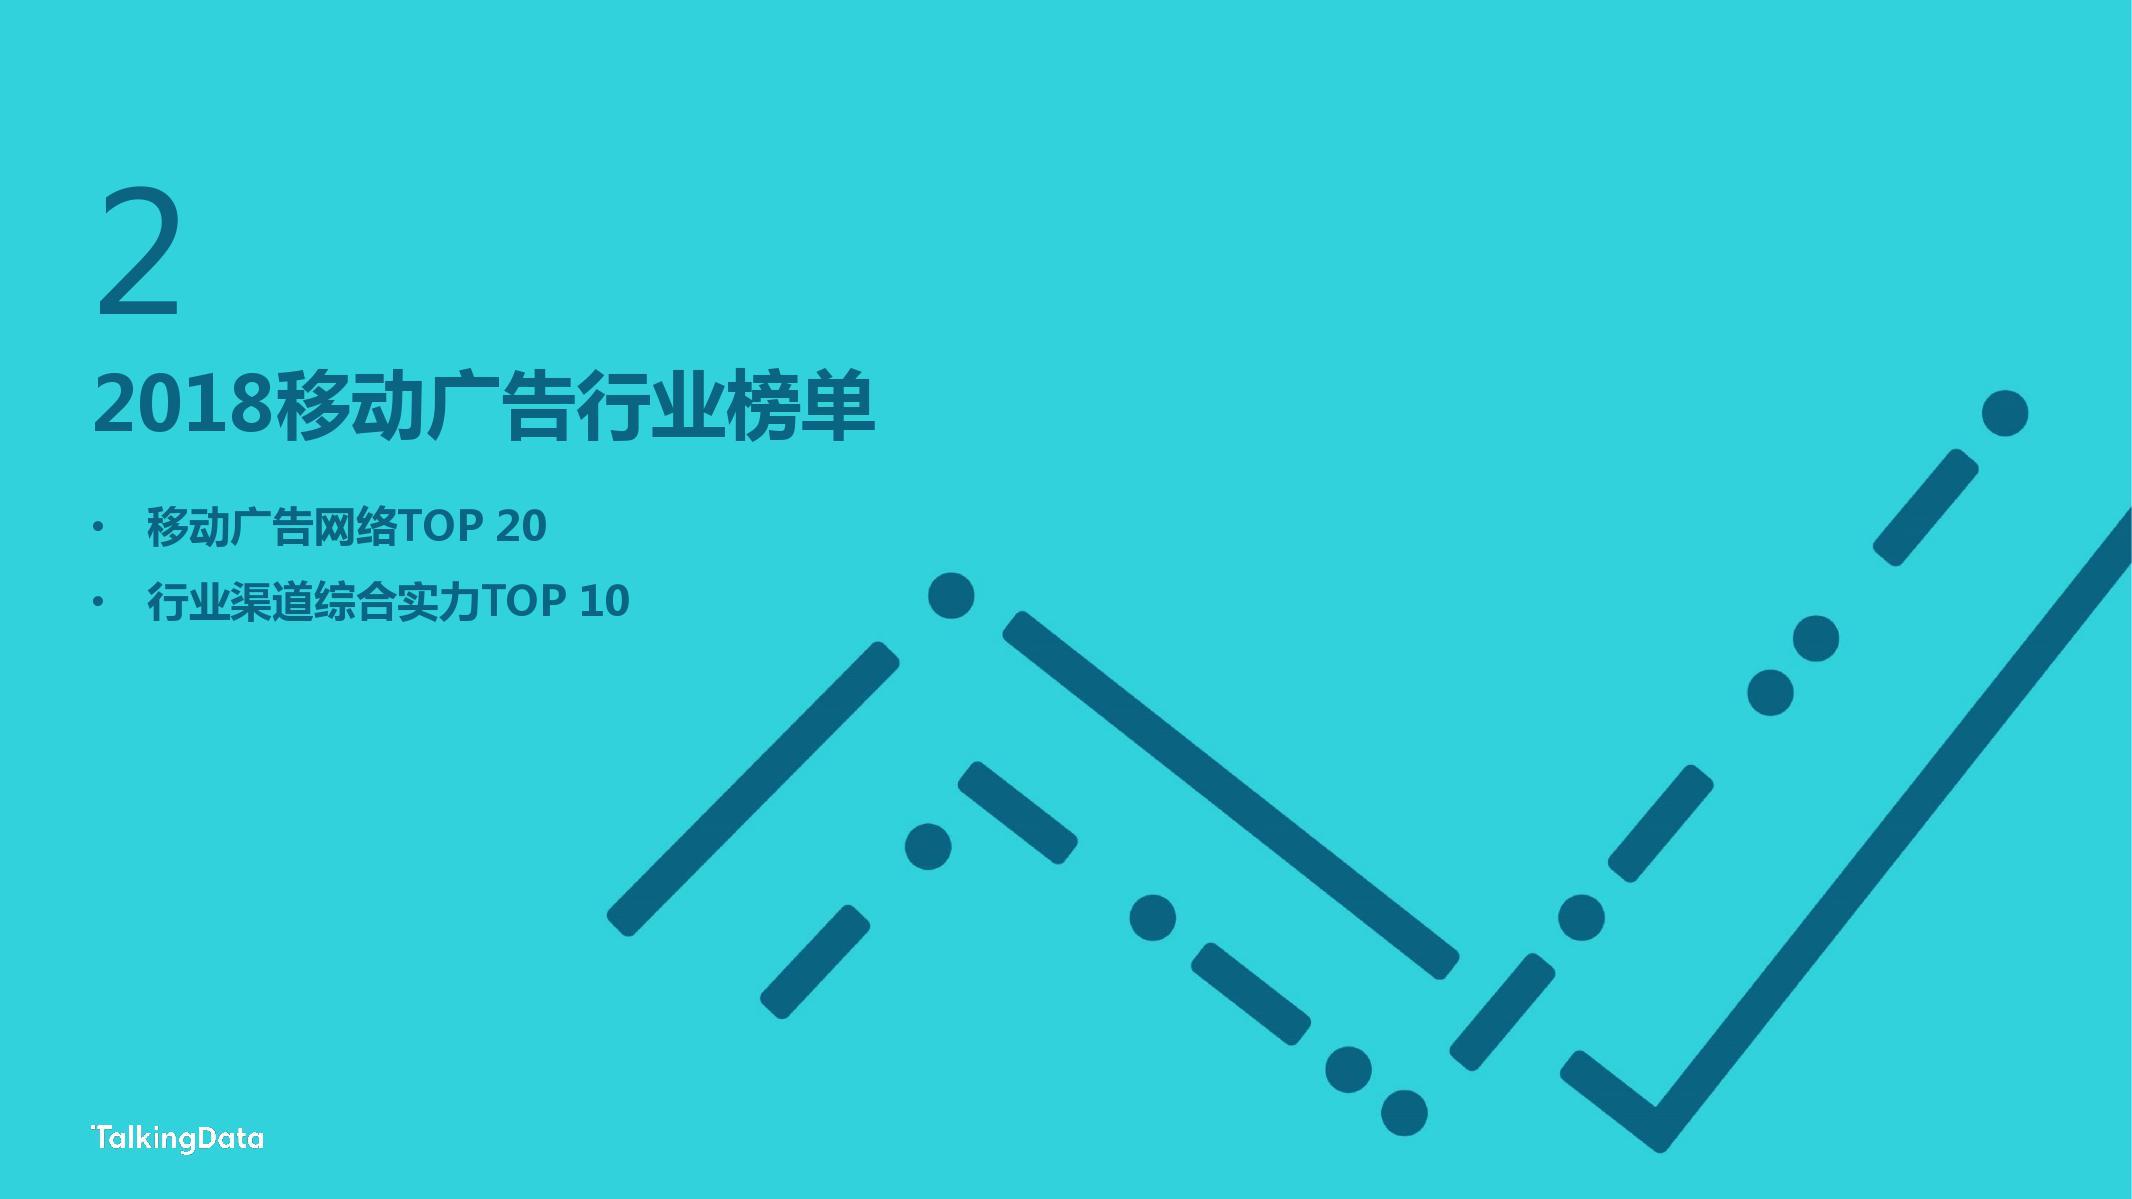 TalkingData:2018移动广告行业报告-CNMOAD 中文移动营销资讯 30